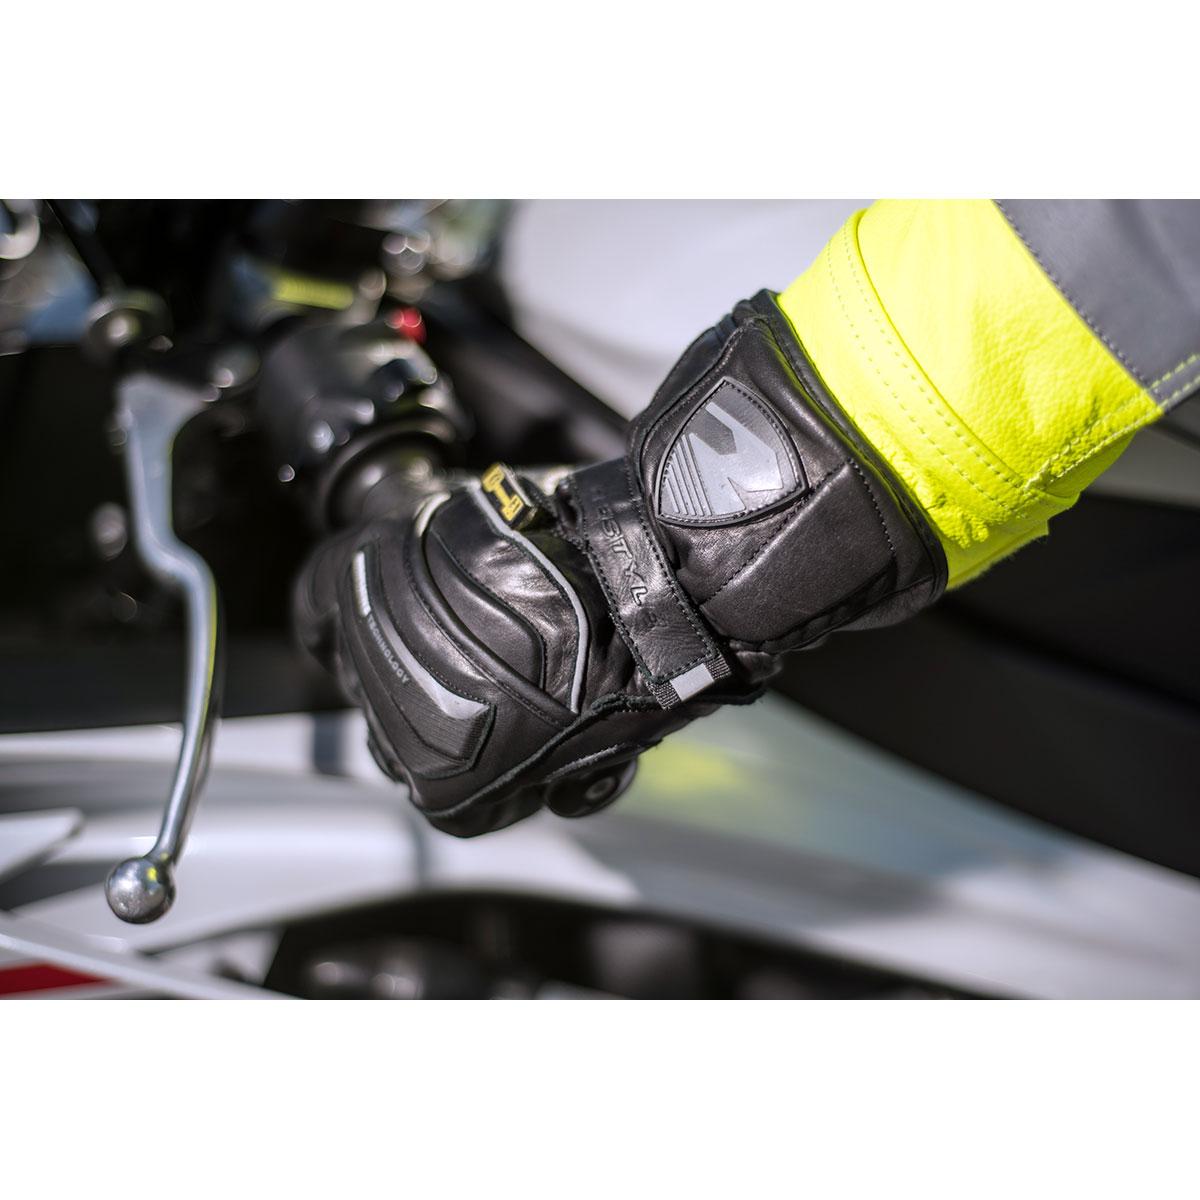 Challenger CE-Glove